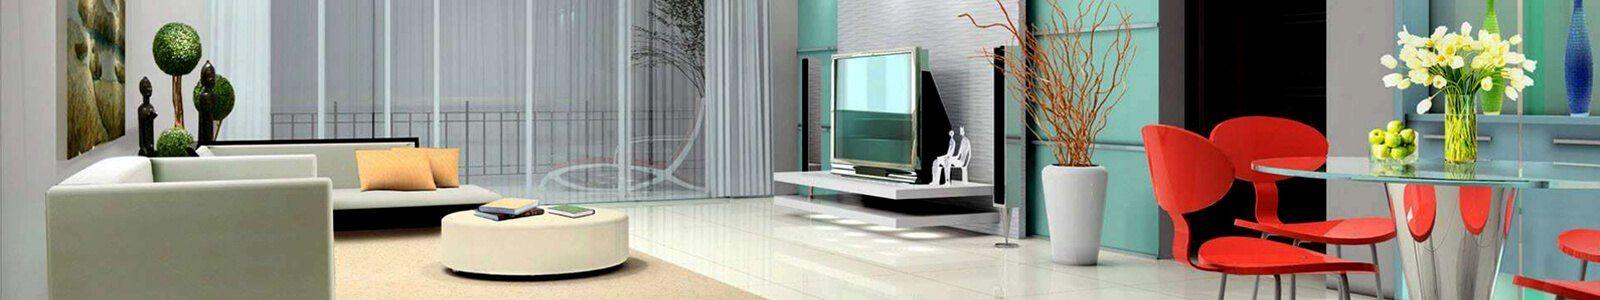 Best Interior Design Company In Chennai